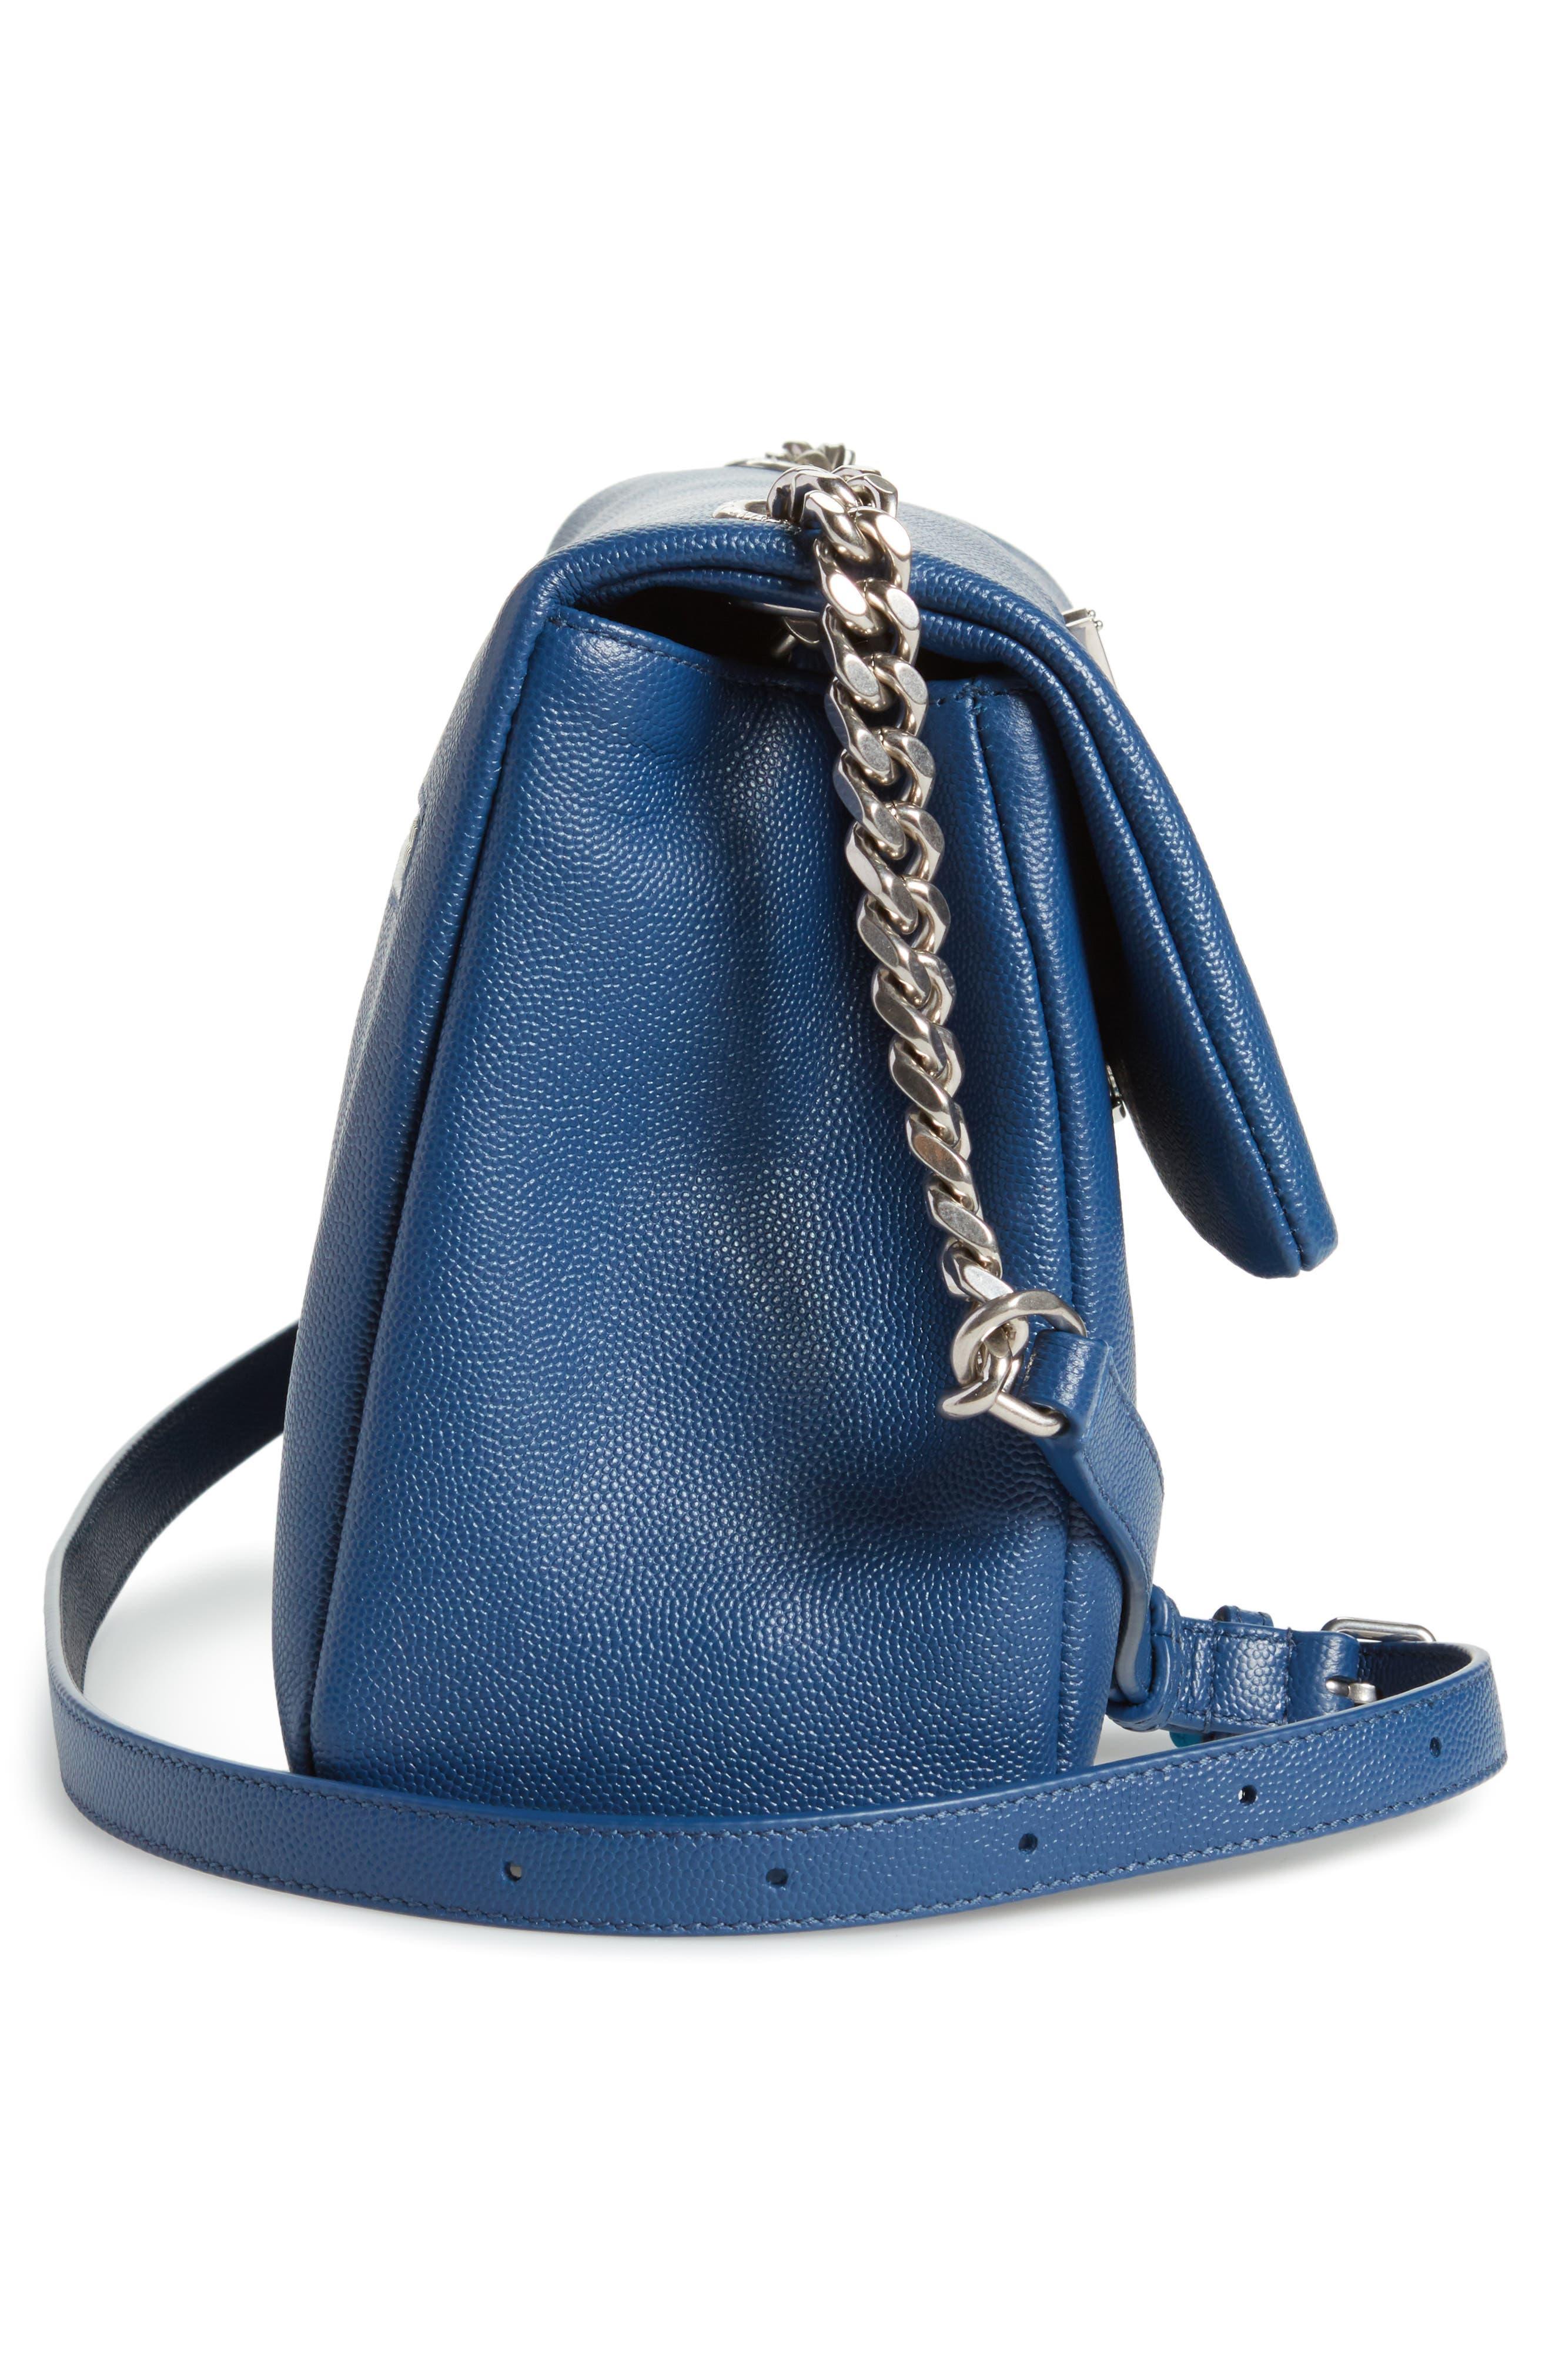 Medium West Hollywood Leather Shoulder Bag,                             Alternate thumbnail 14, color,